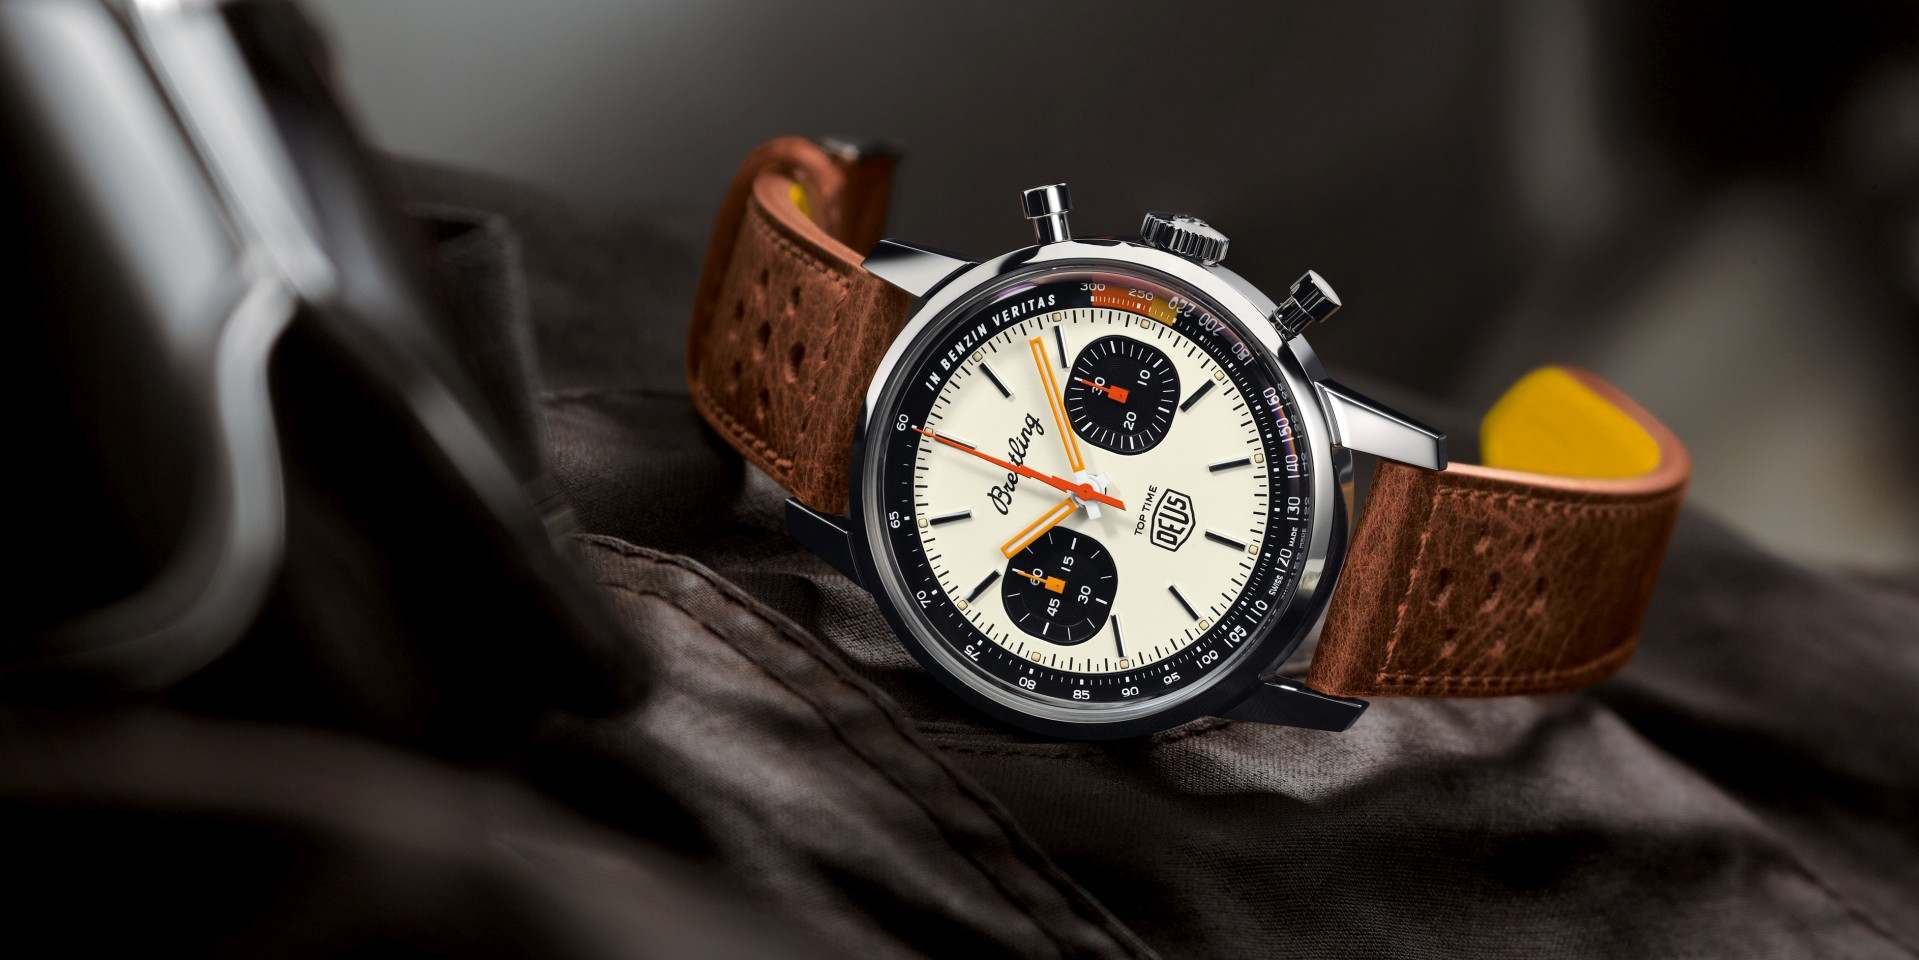 百年靈與澳洲Lifestyle品牌 Deus Ex Machina 建立合作關係,推出Top Time Deus腕錶